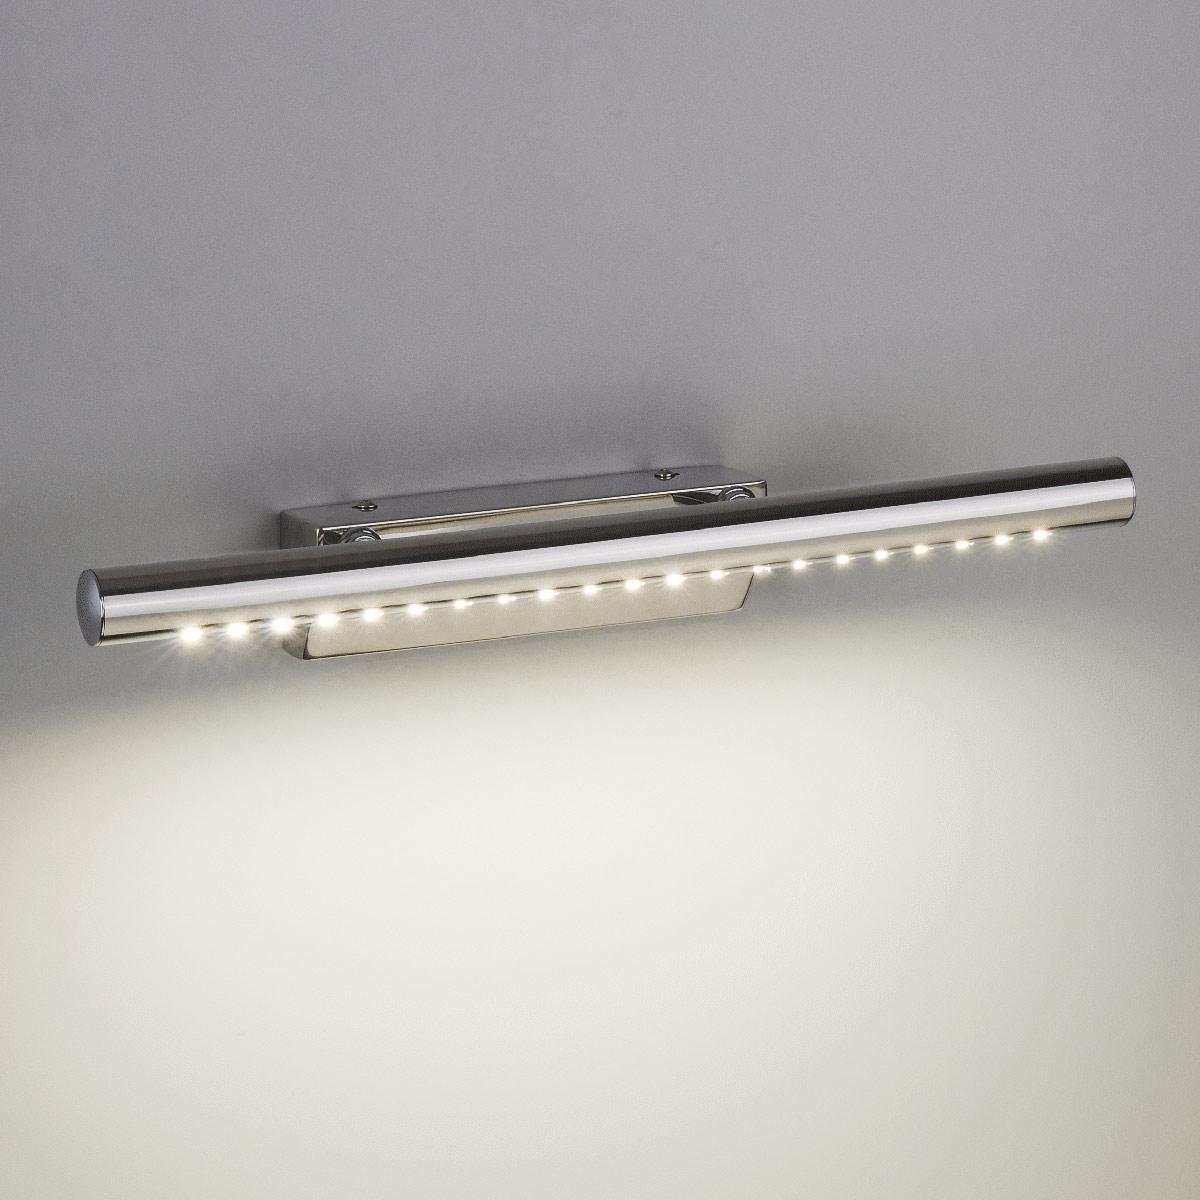 Настенный светодиодный светильник Trinity Neo LED хром без выключателя MRL LED 5W 1001 IP20